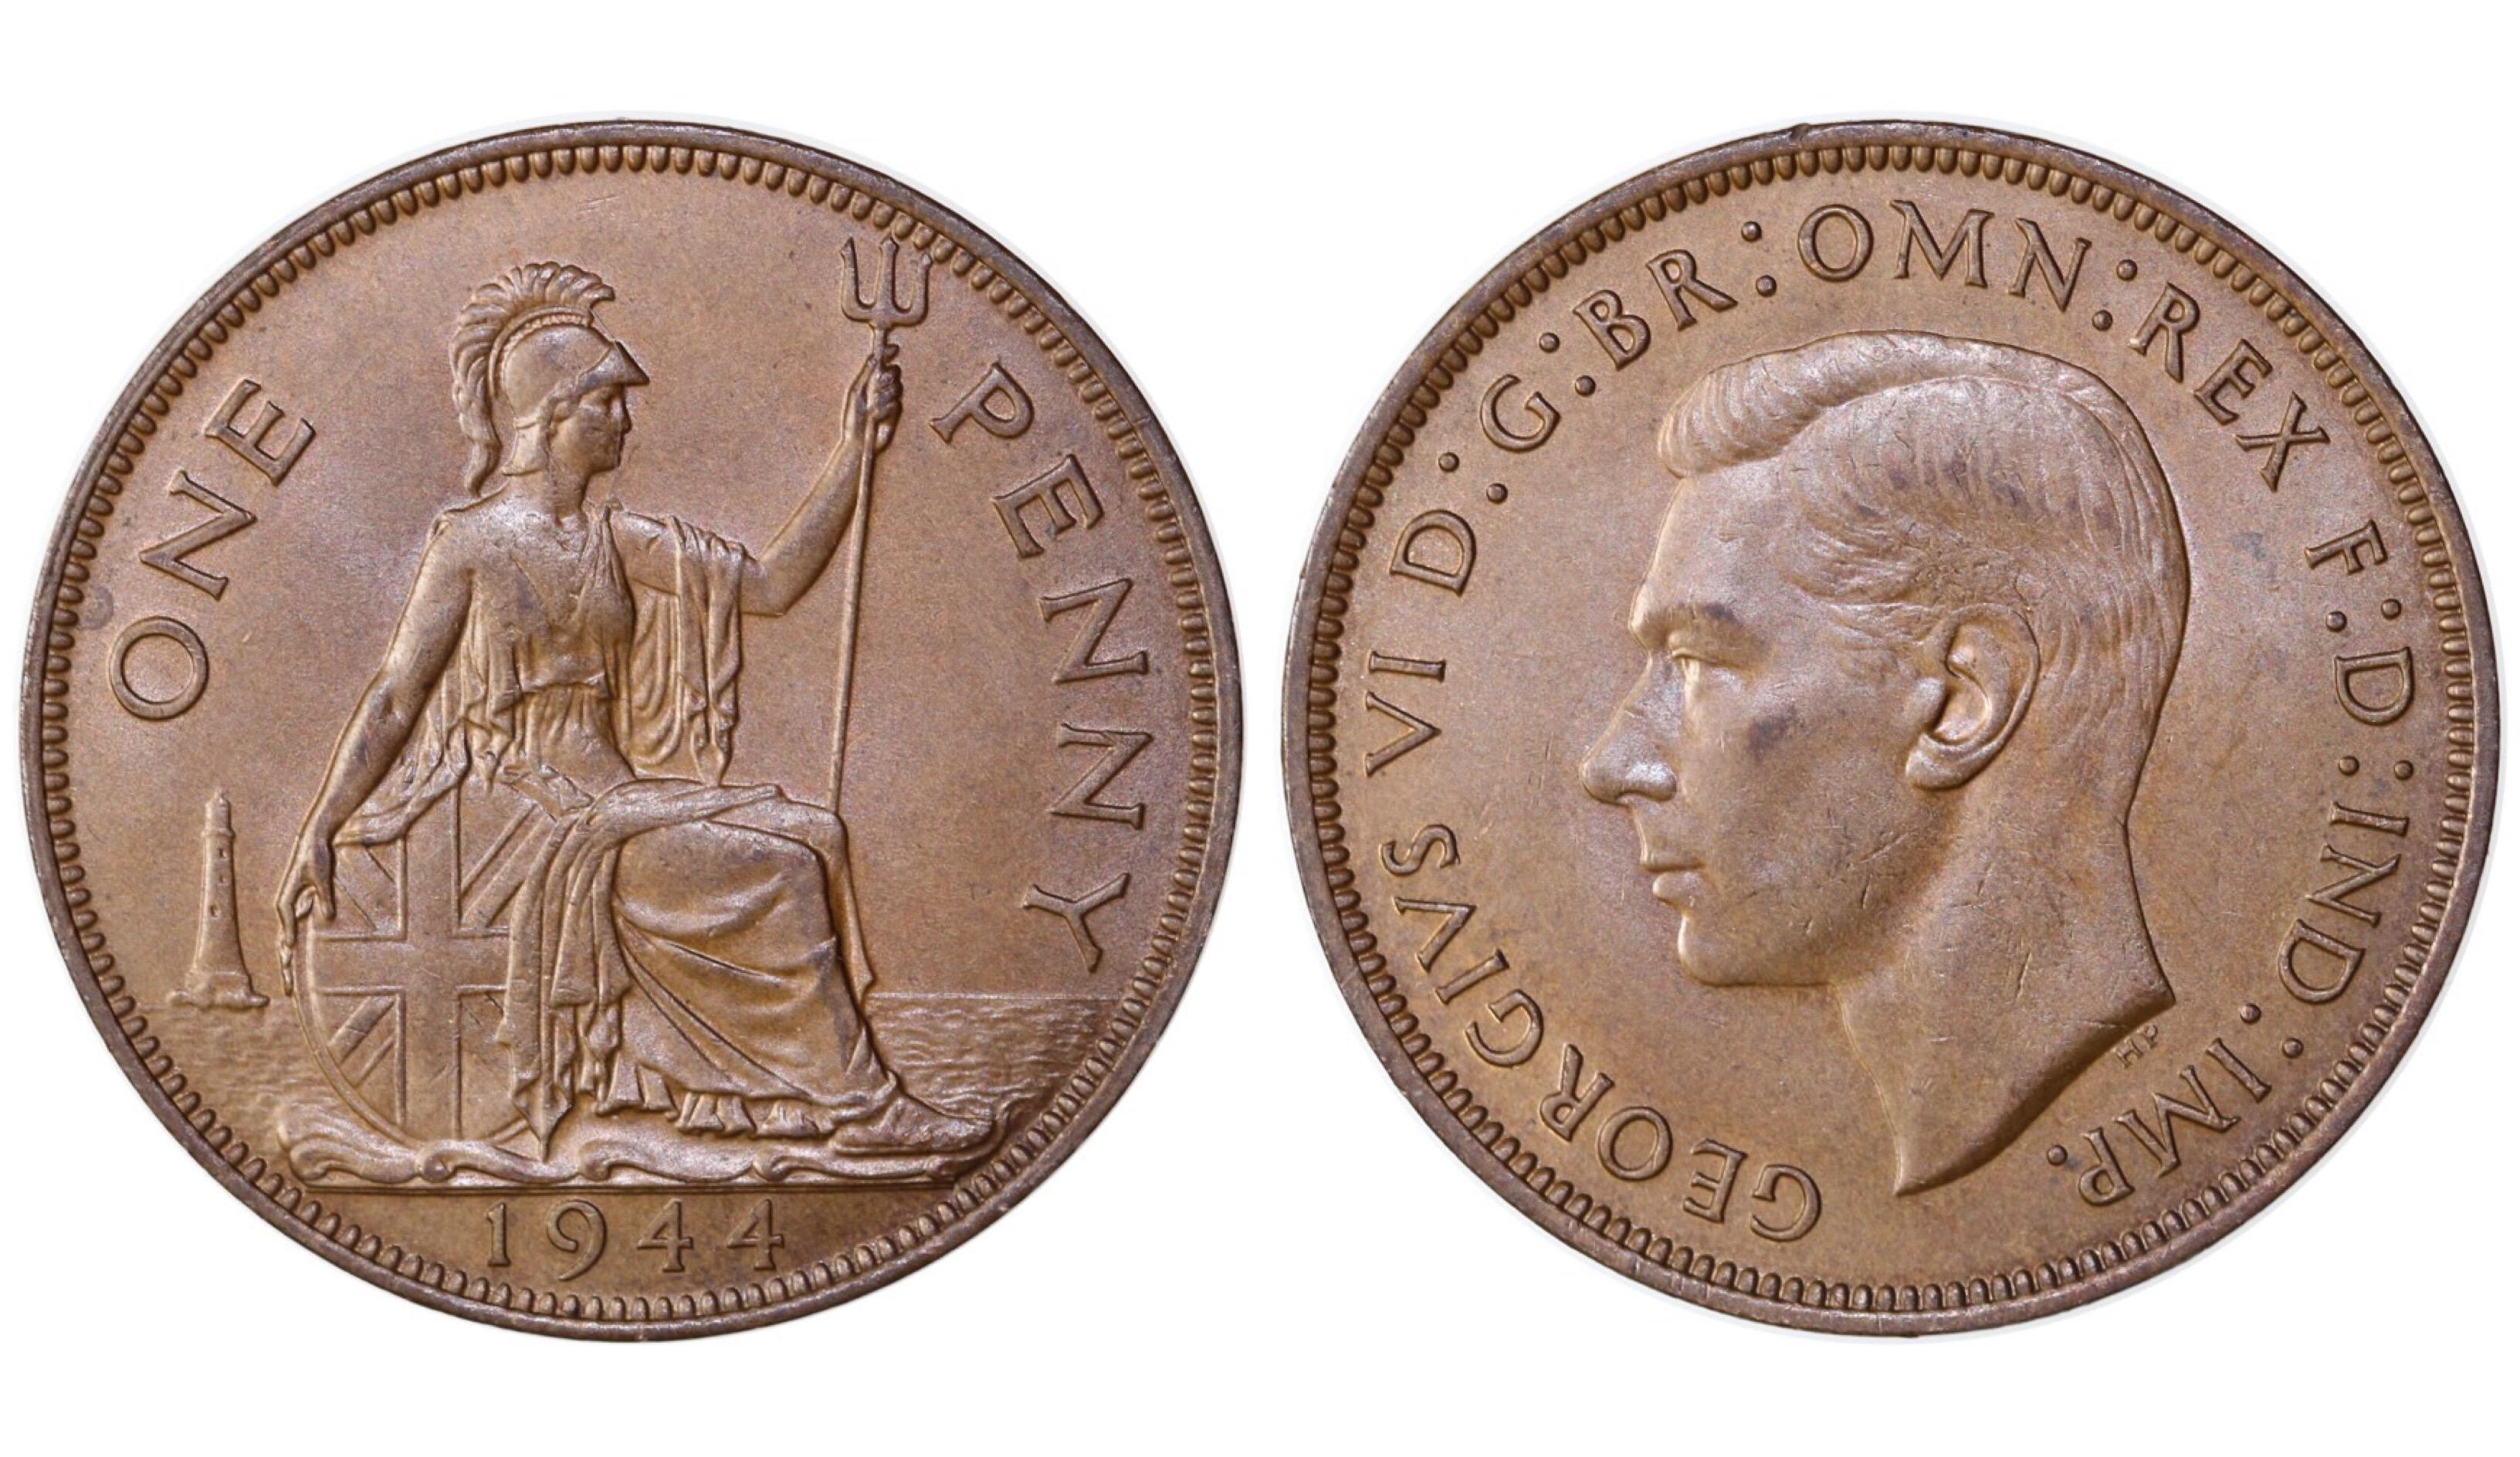 1944 Penny, George VI, Freeman 229